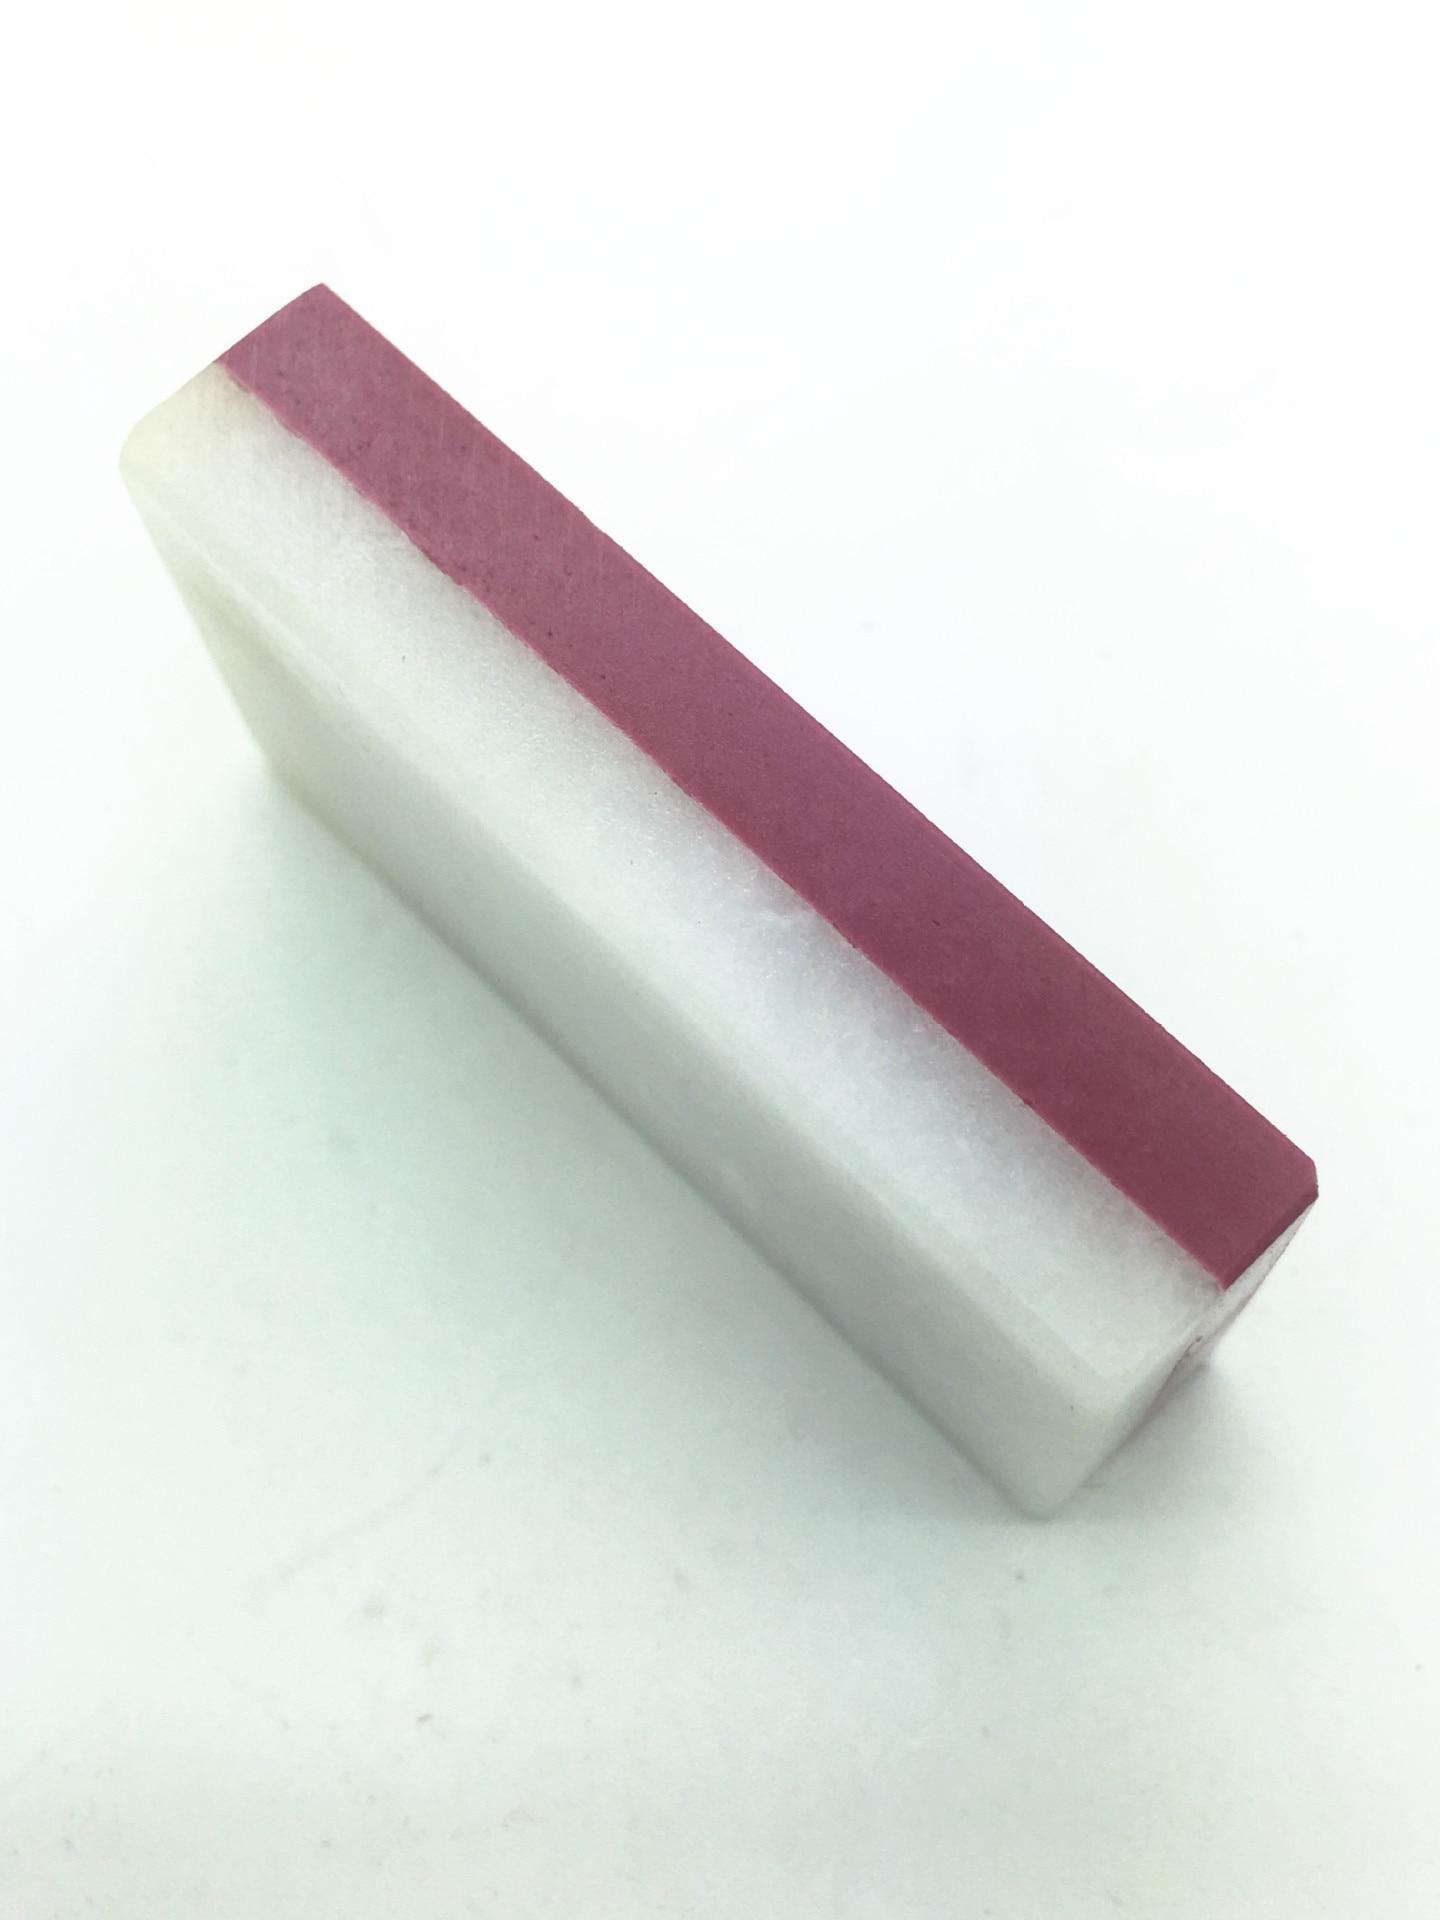 1 pieza 50x25x10mm piedra de afilar 3000/8000 Natural HOJA DE Oilstone pulido rojo y blanco cuchillo de afilar piedra de afilar